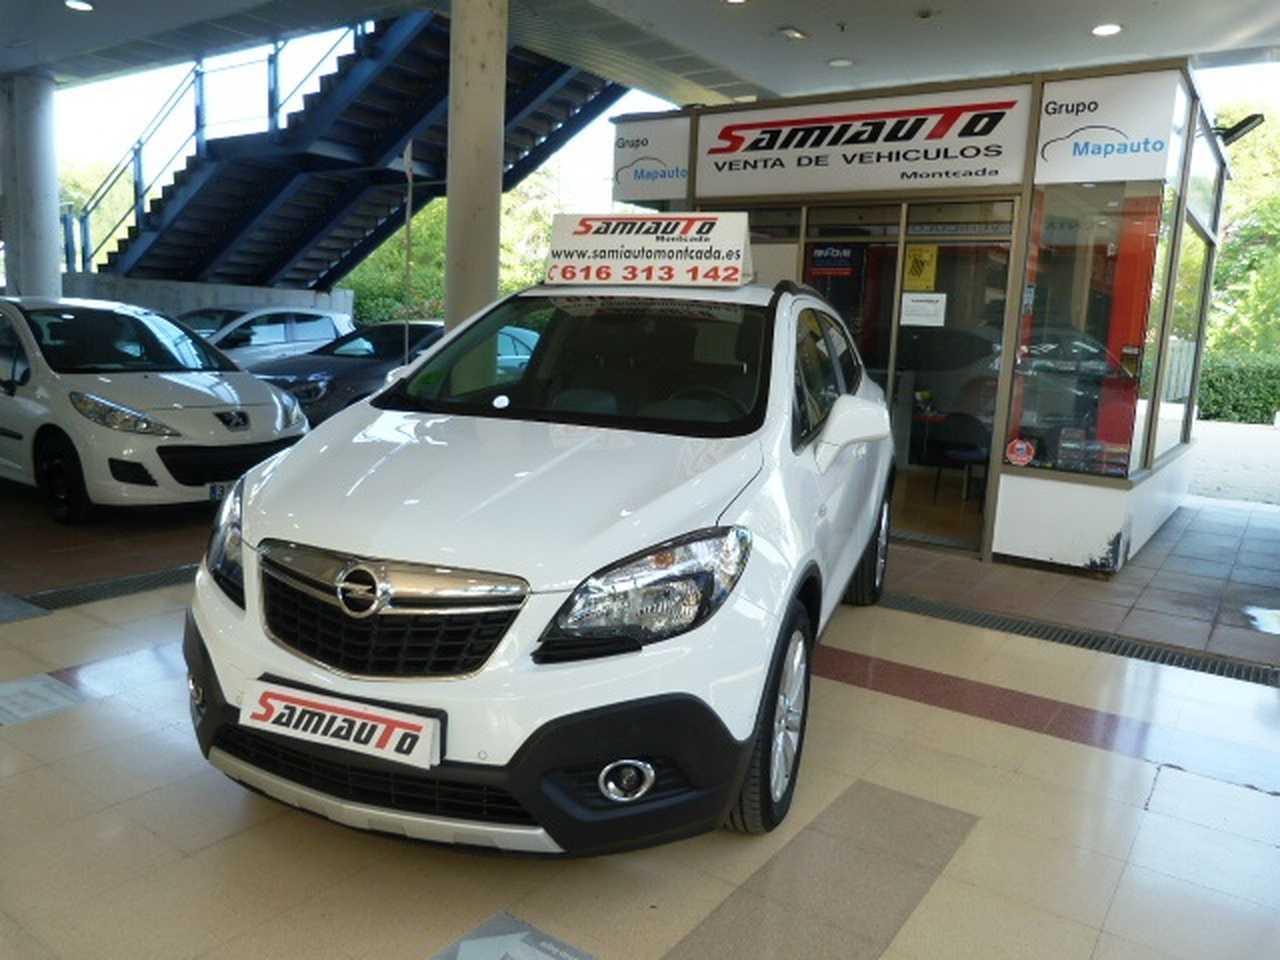 Opel Mokka Mokka 1.6 CDTi 4X2 Excellence Auto 5p UN SOLO PROPIETARIO LIBRO DE REVISIONES  - Foto 1